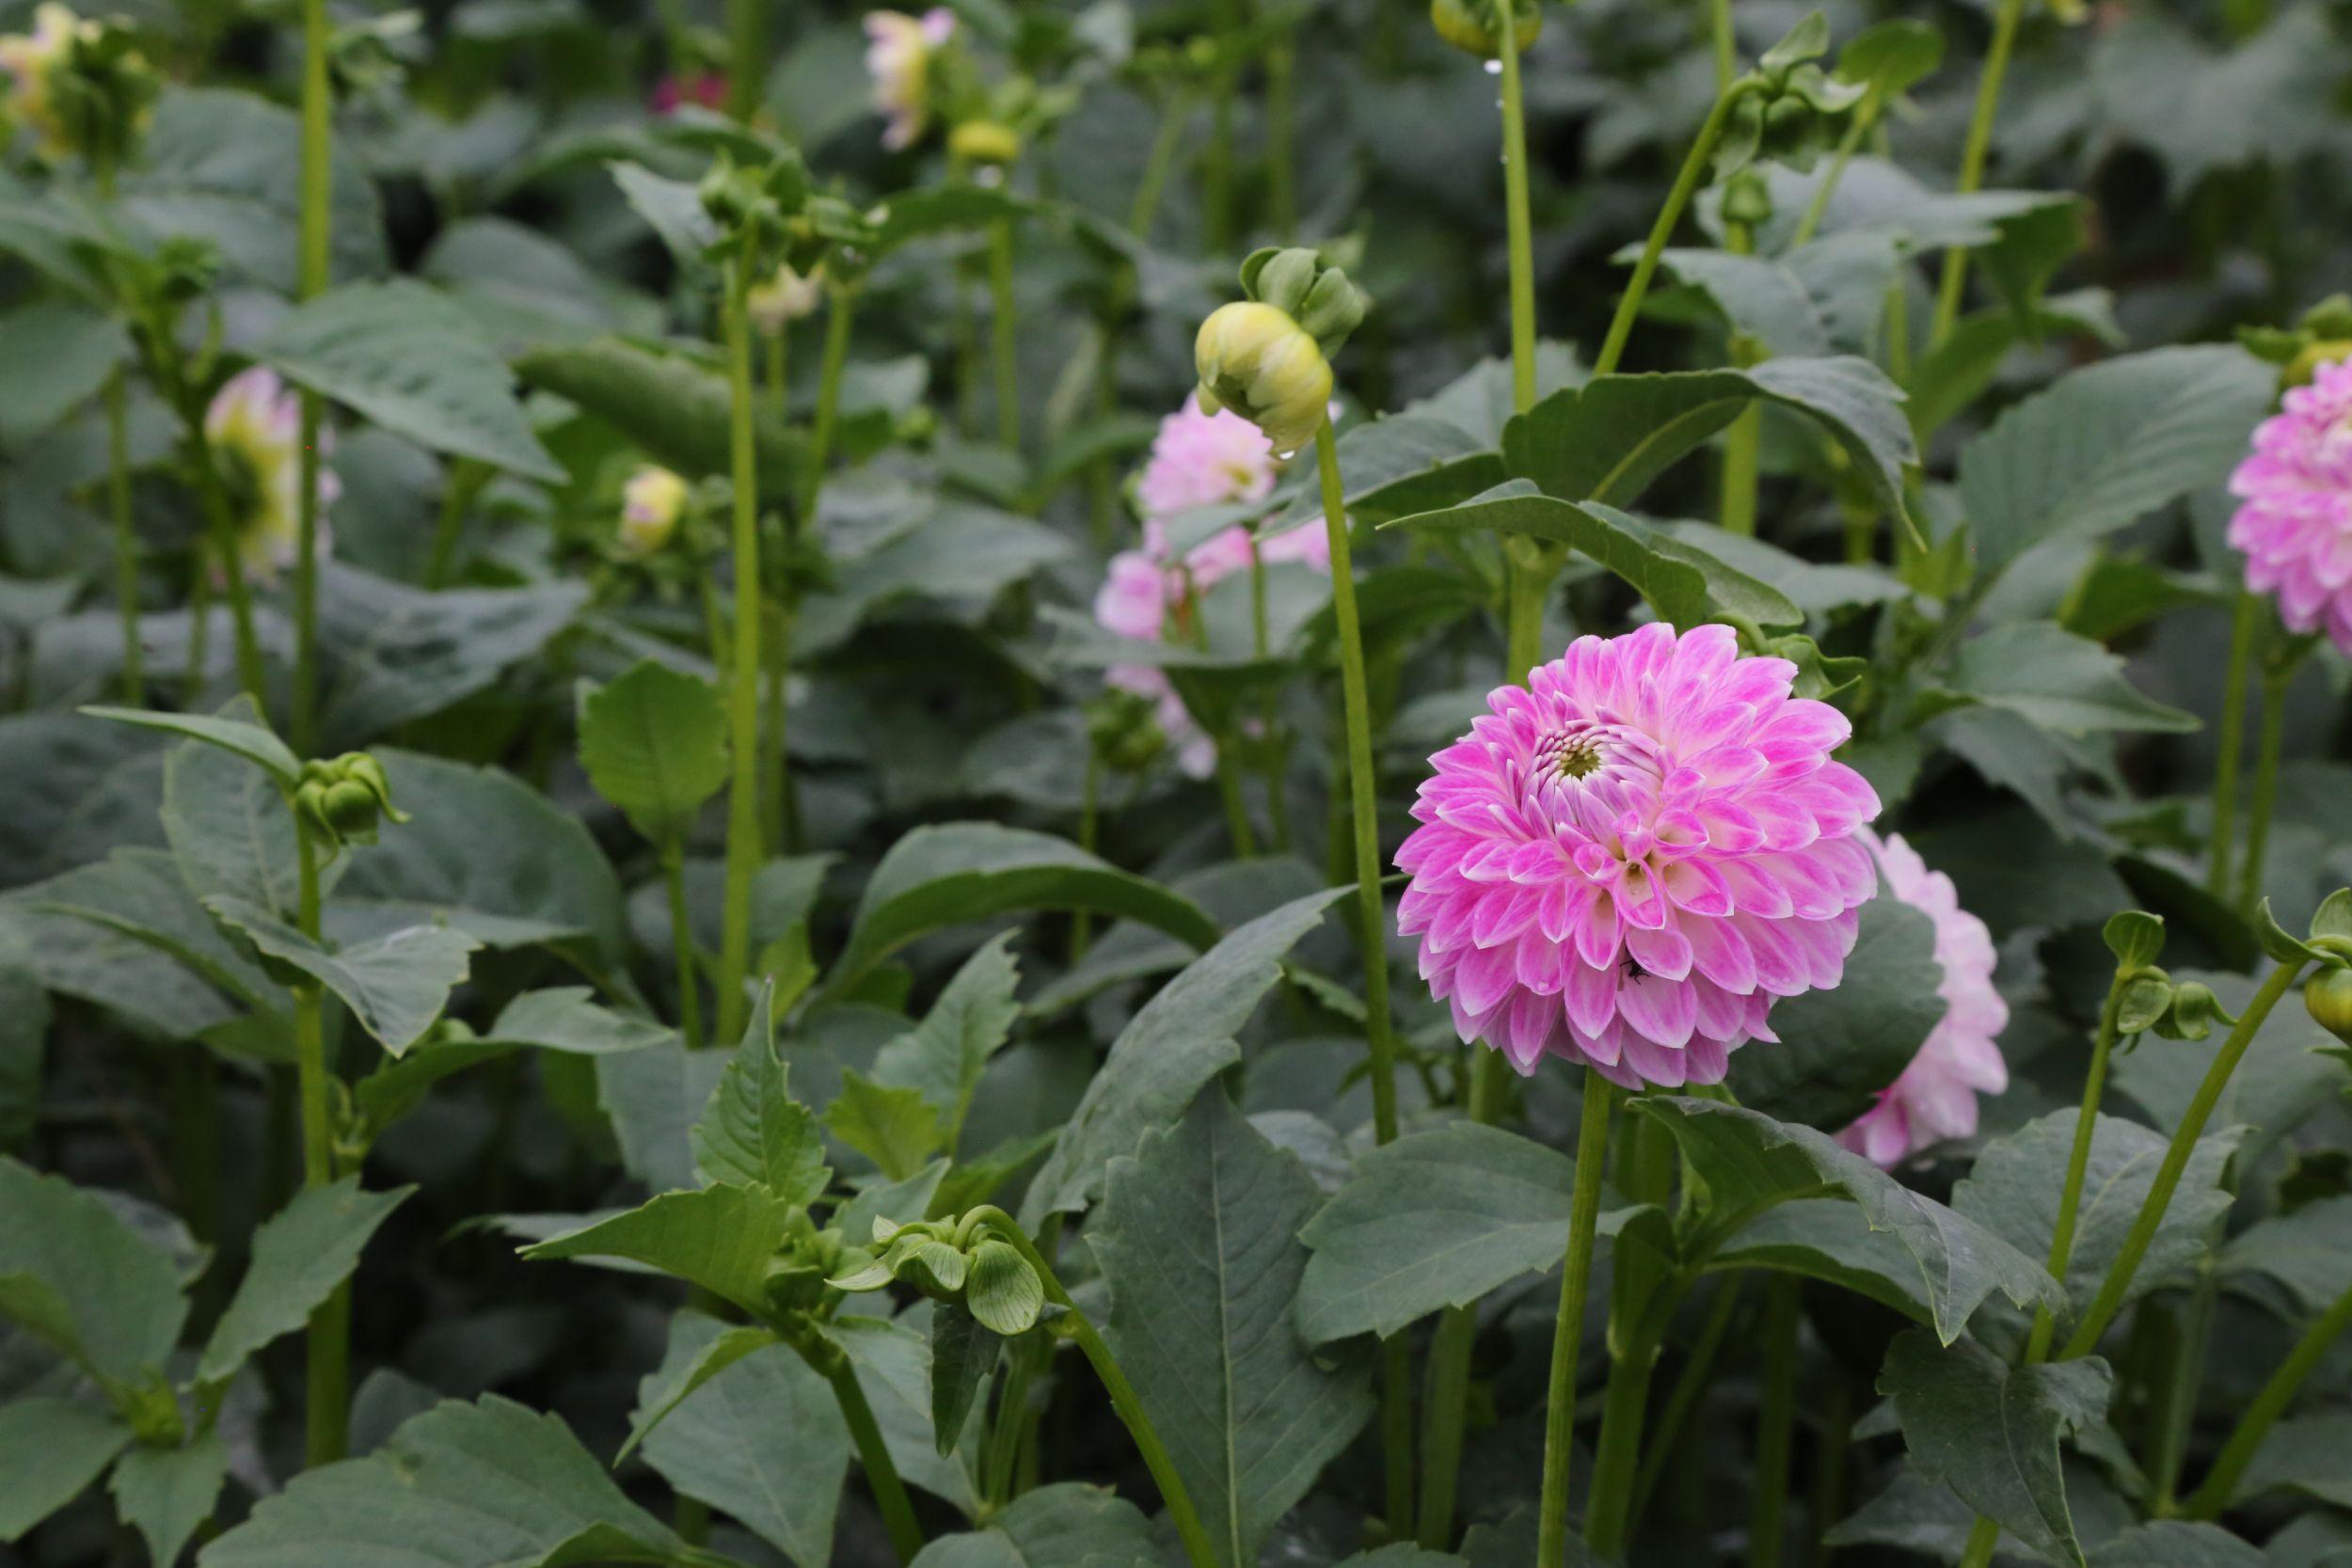 Dahlias Growing in Bloom